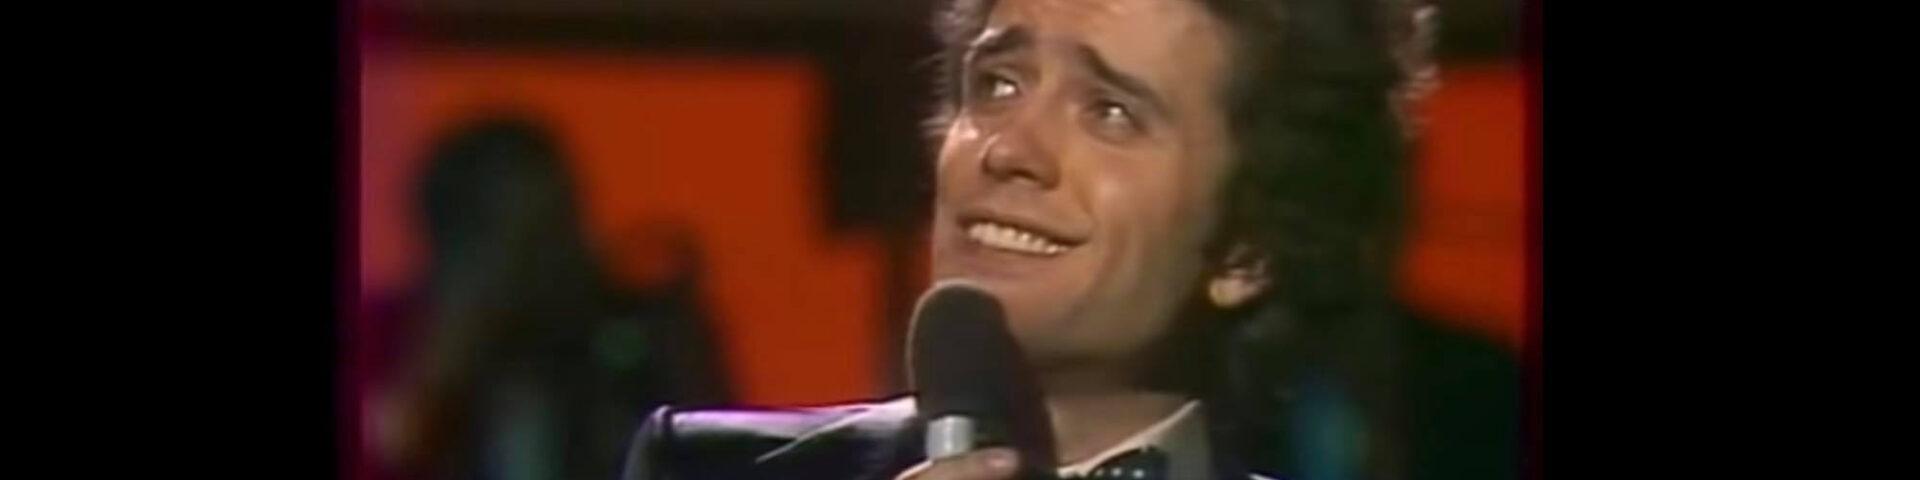 Le 5 indimenticabili canzoni di Gianni Nazzaro